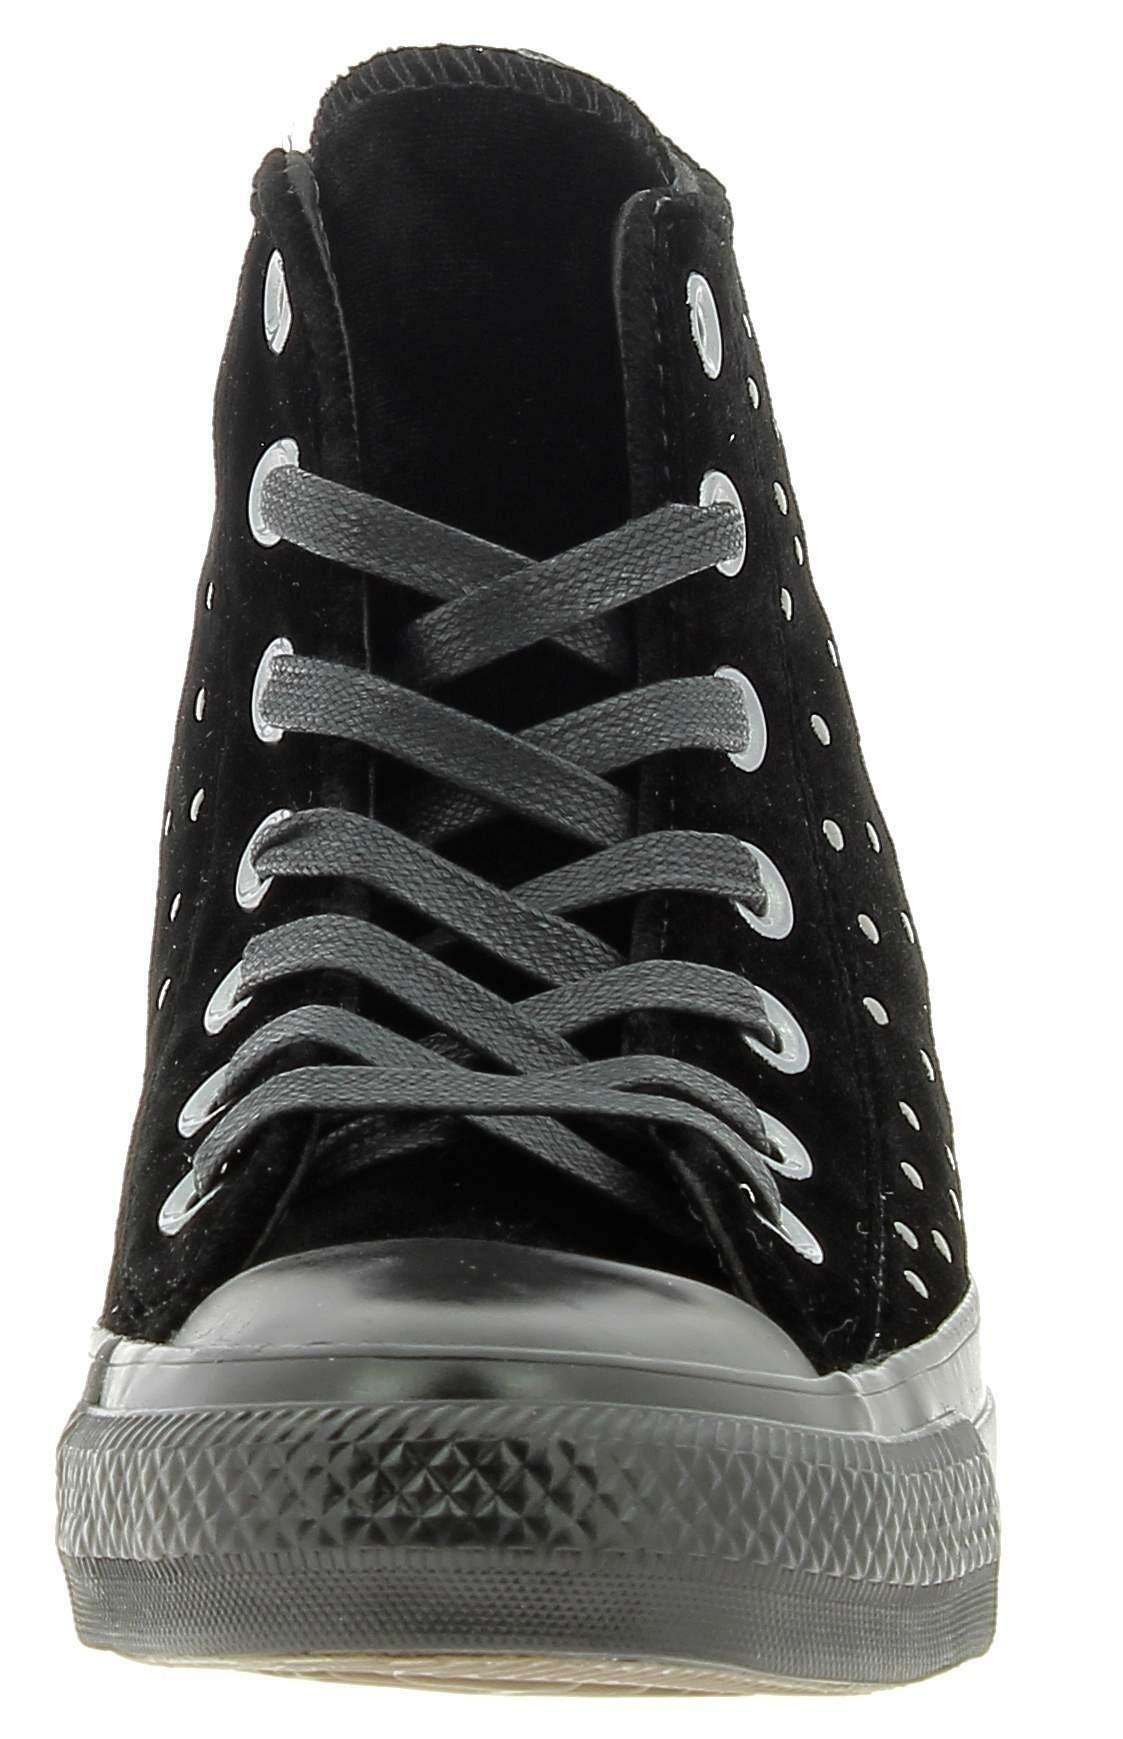 converse converse ctas hi scarpe donna velluto borchiata nera